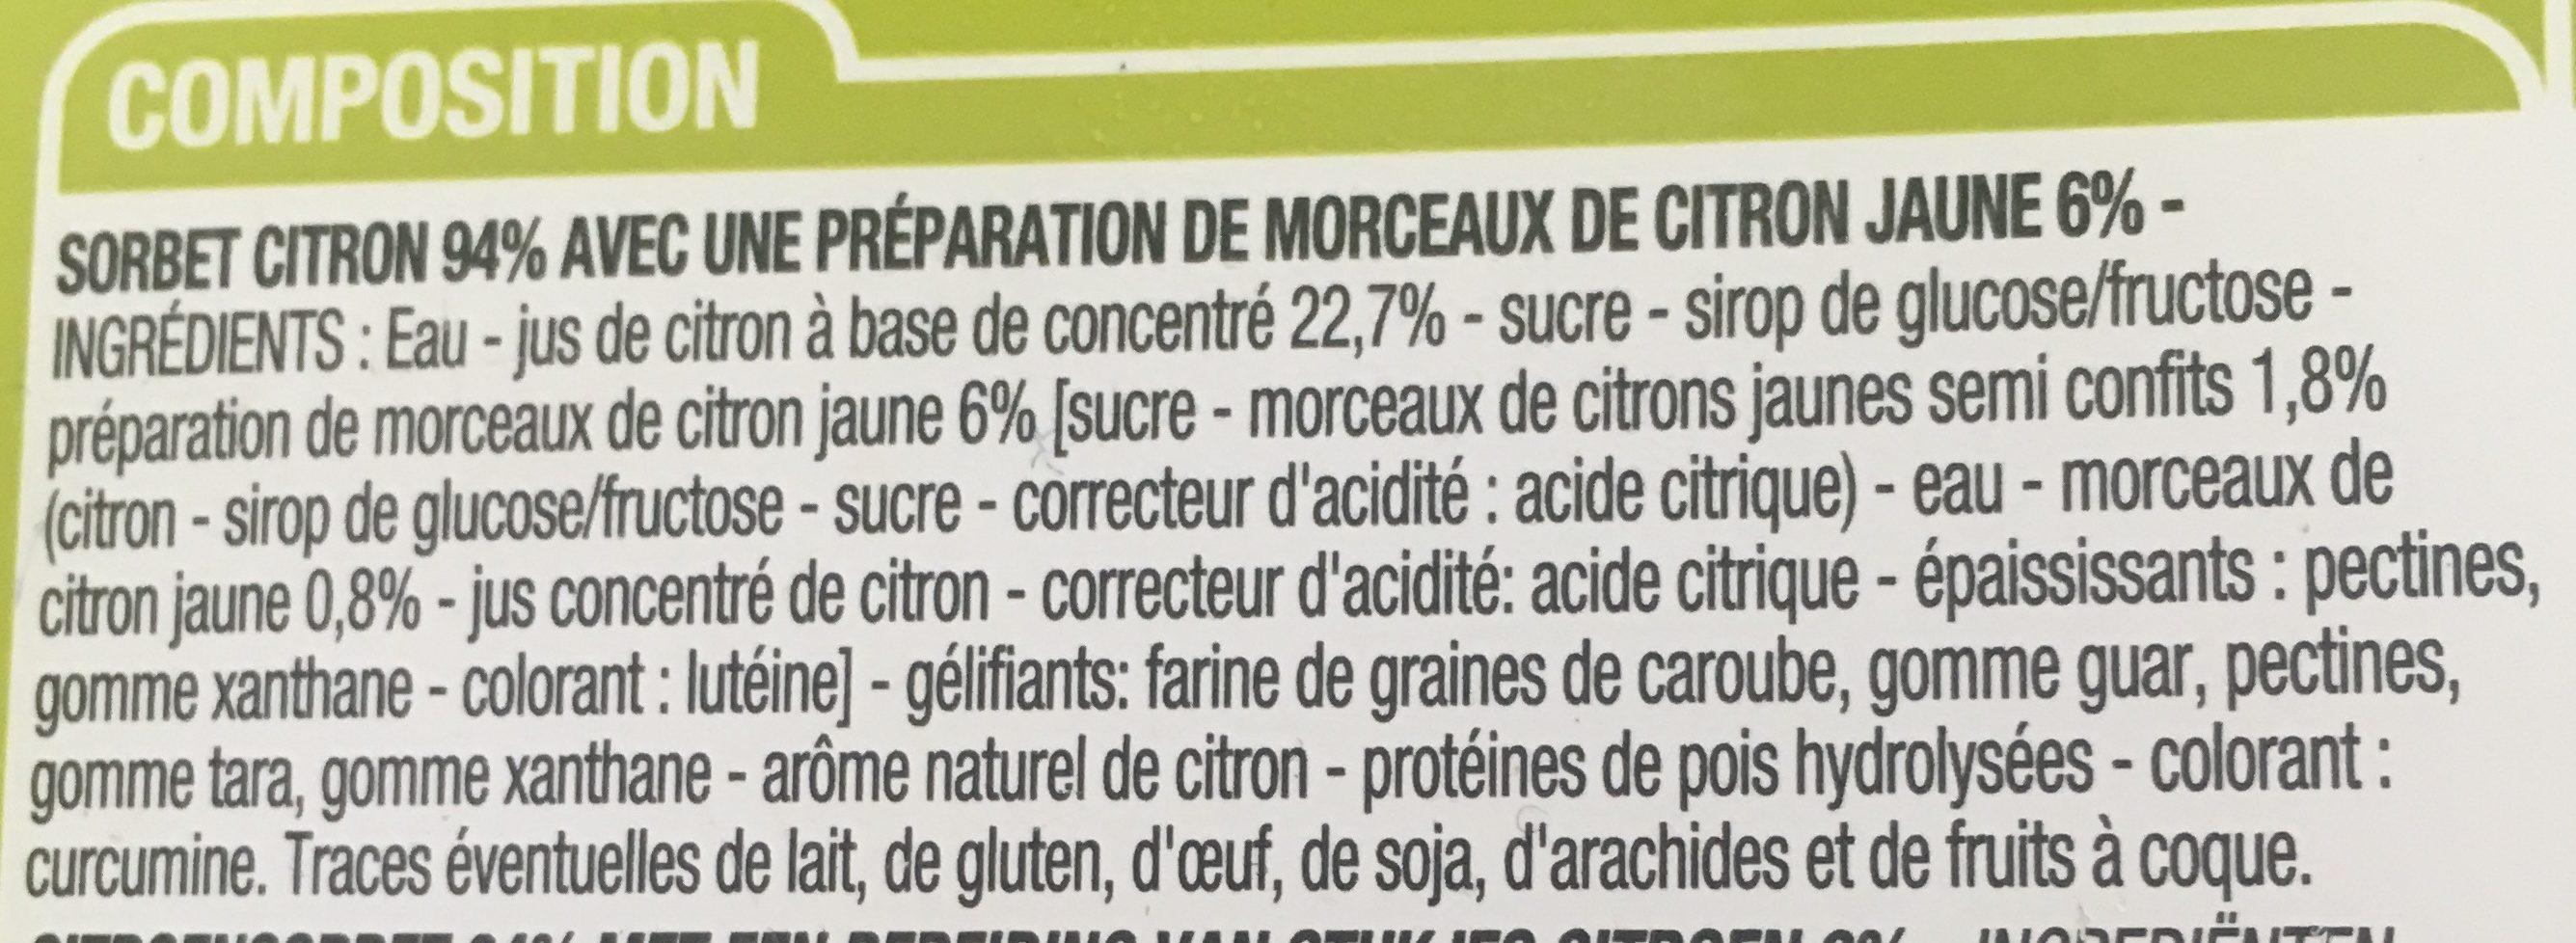 Sorbet Citron 1 Litre 1 Litre - Ingrediënten